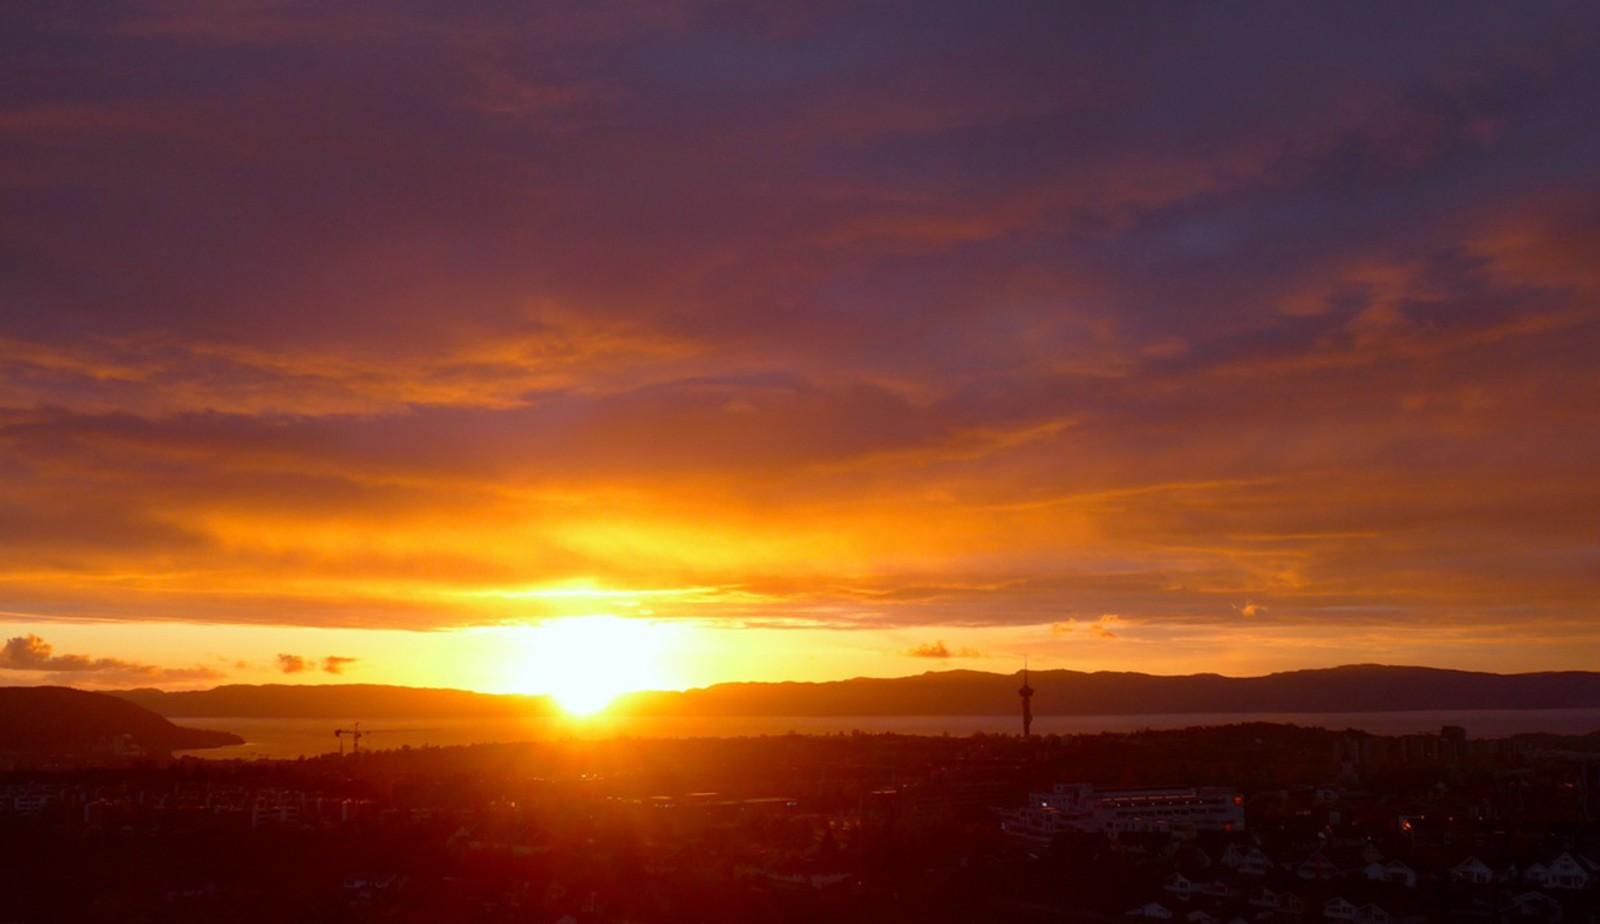 Solnedgang en kald maikveld